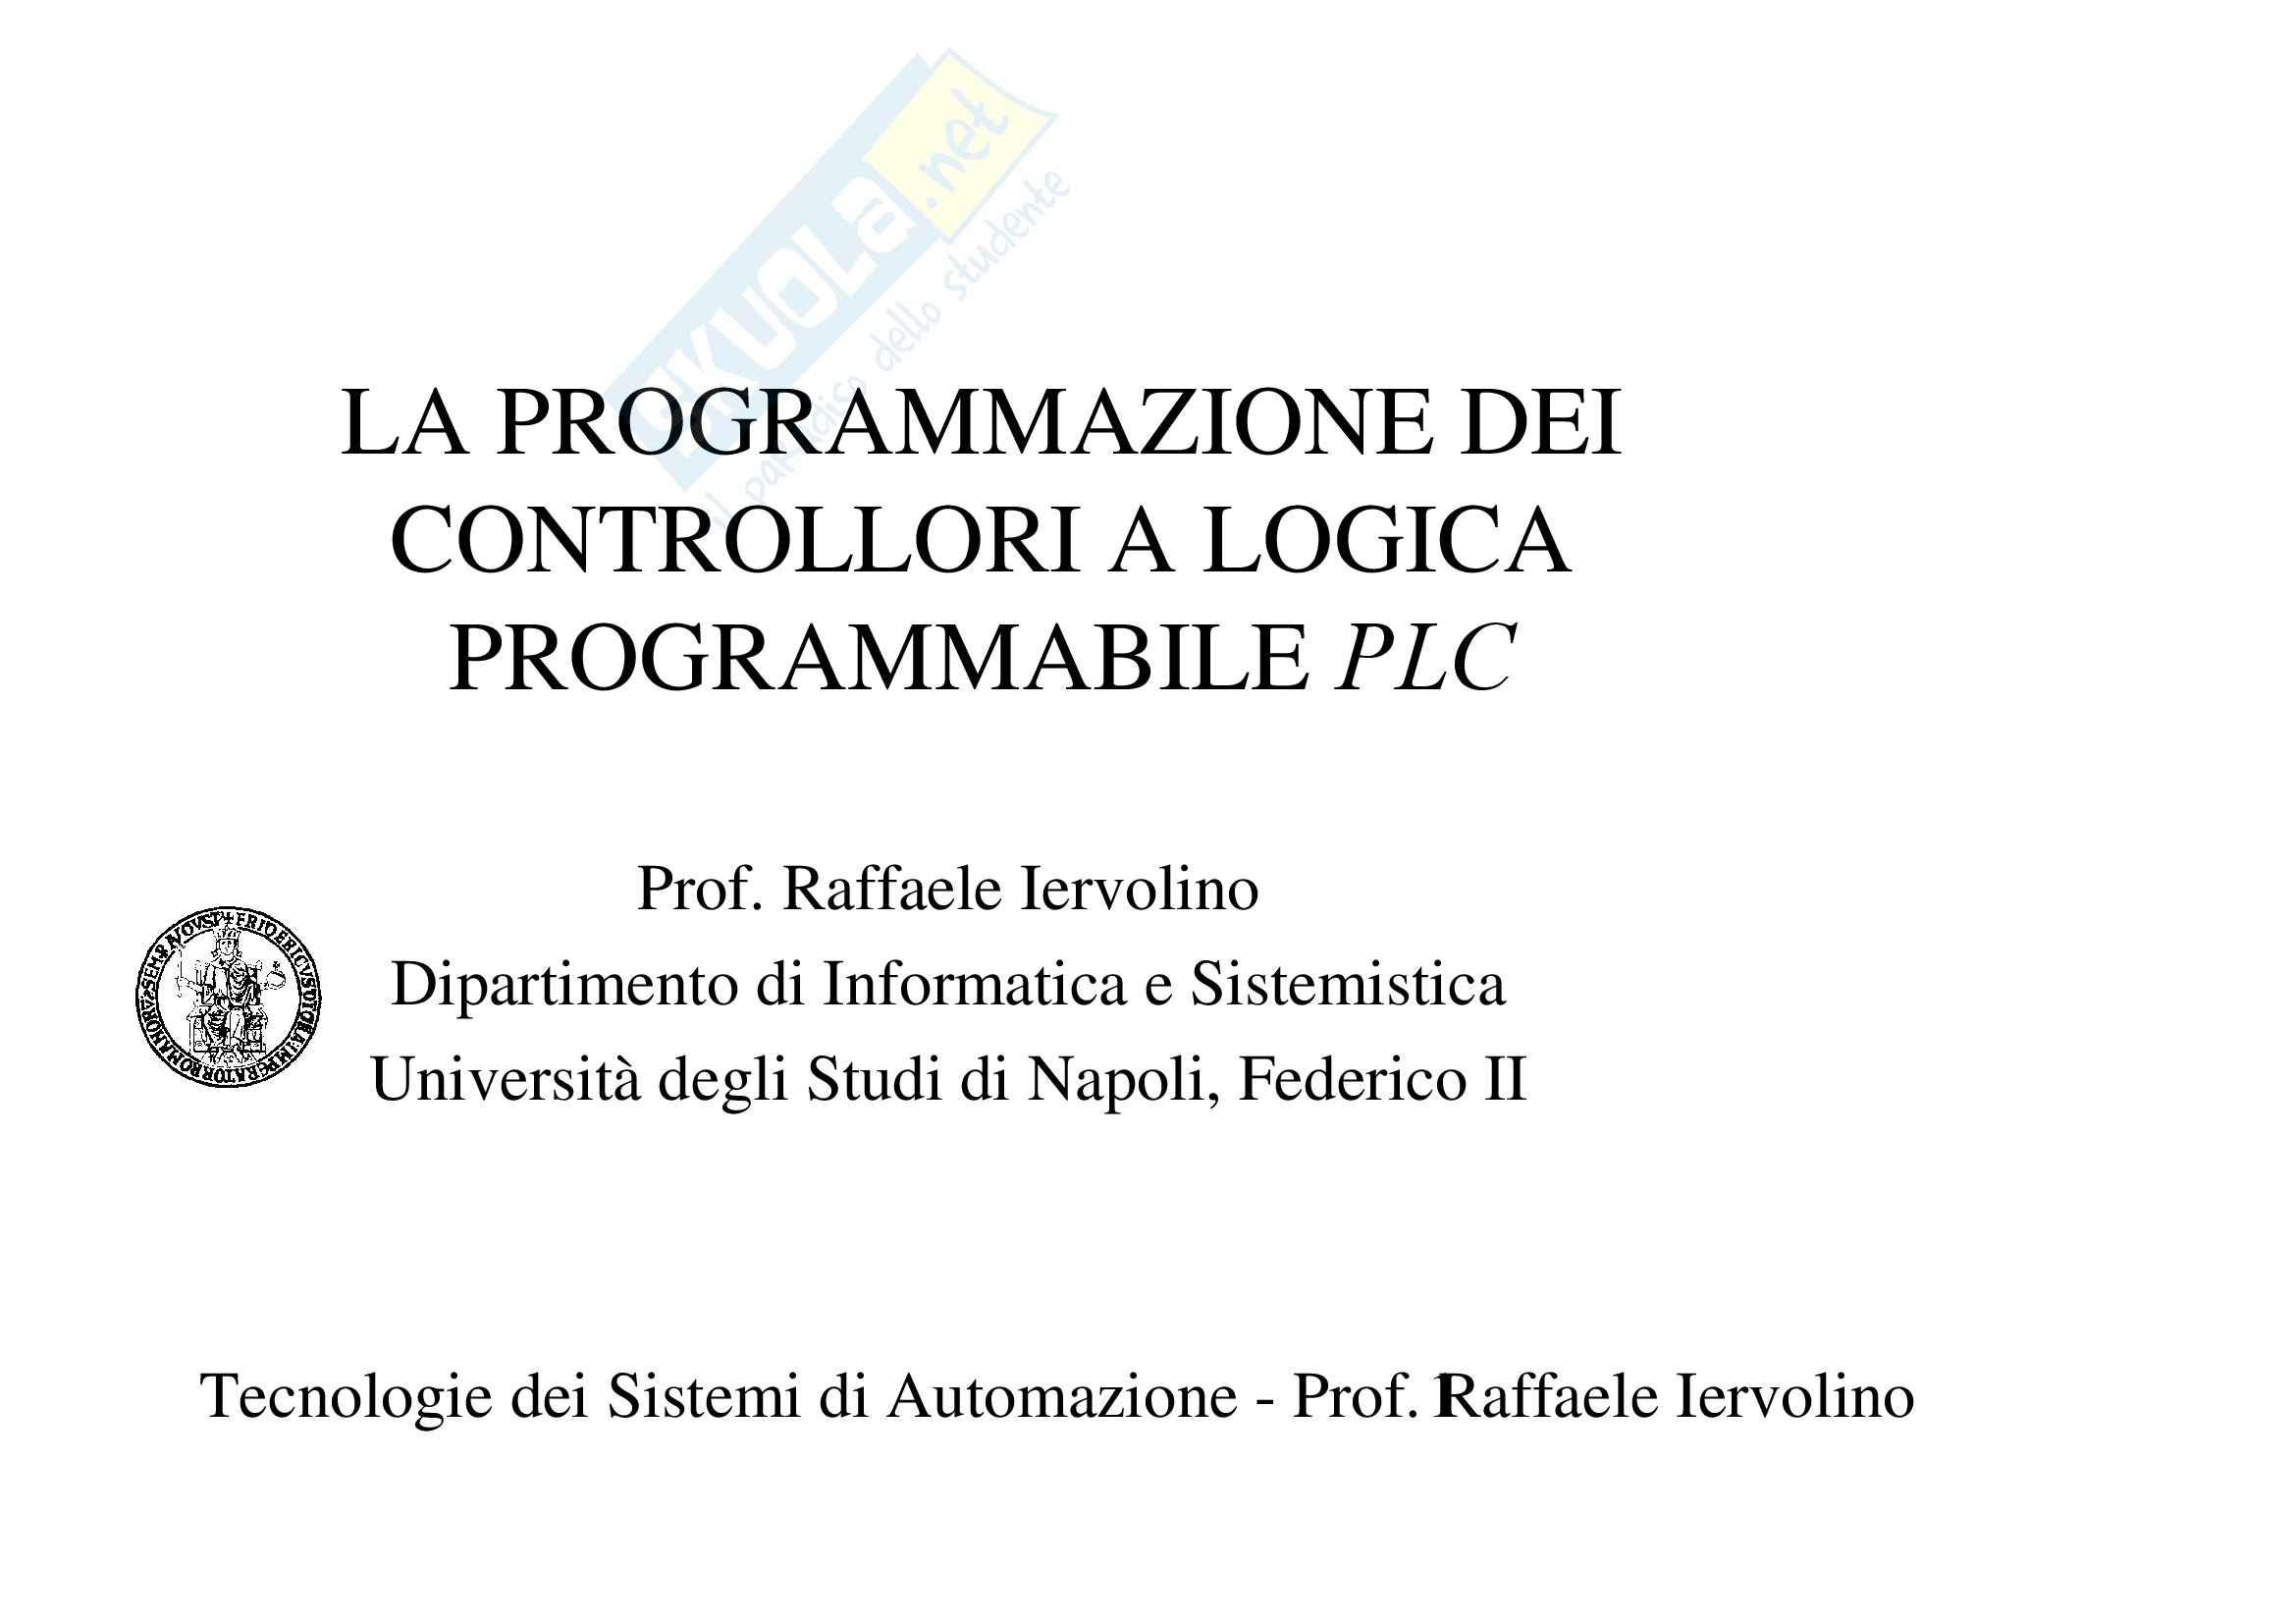 Tecnologie Sistemi Automazione e Controllo – PLC